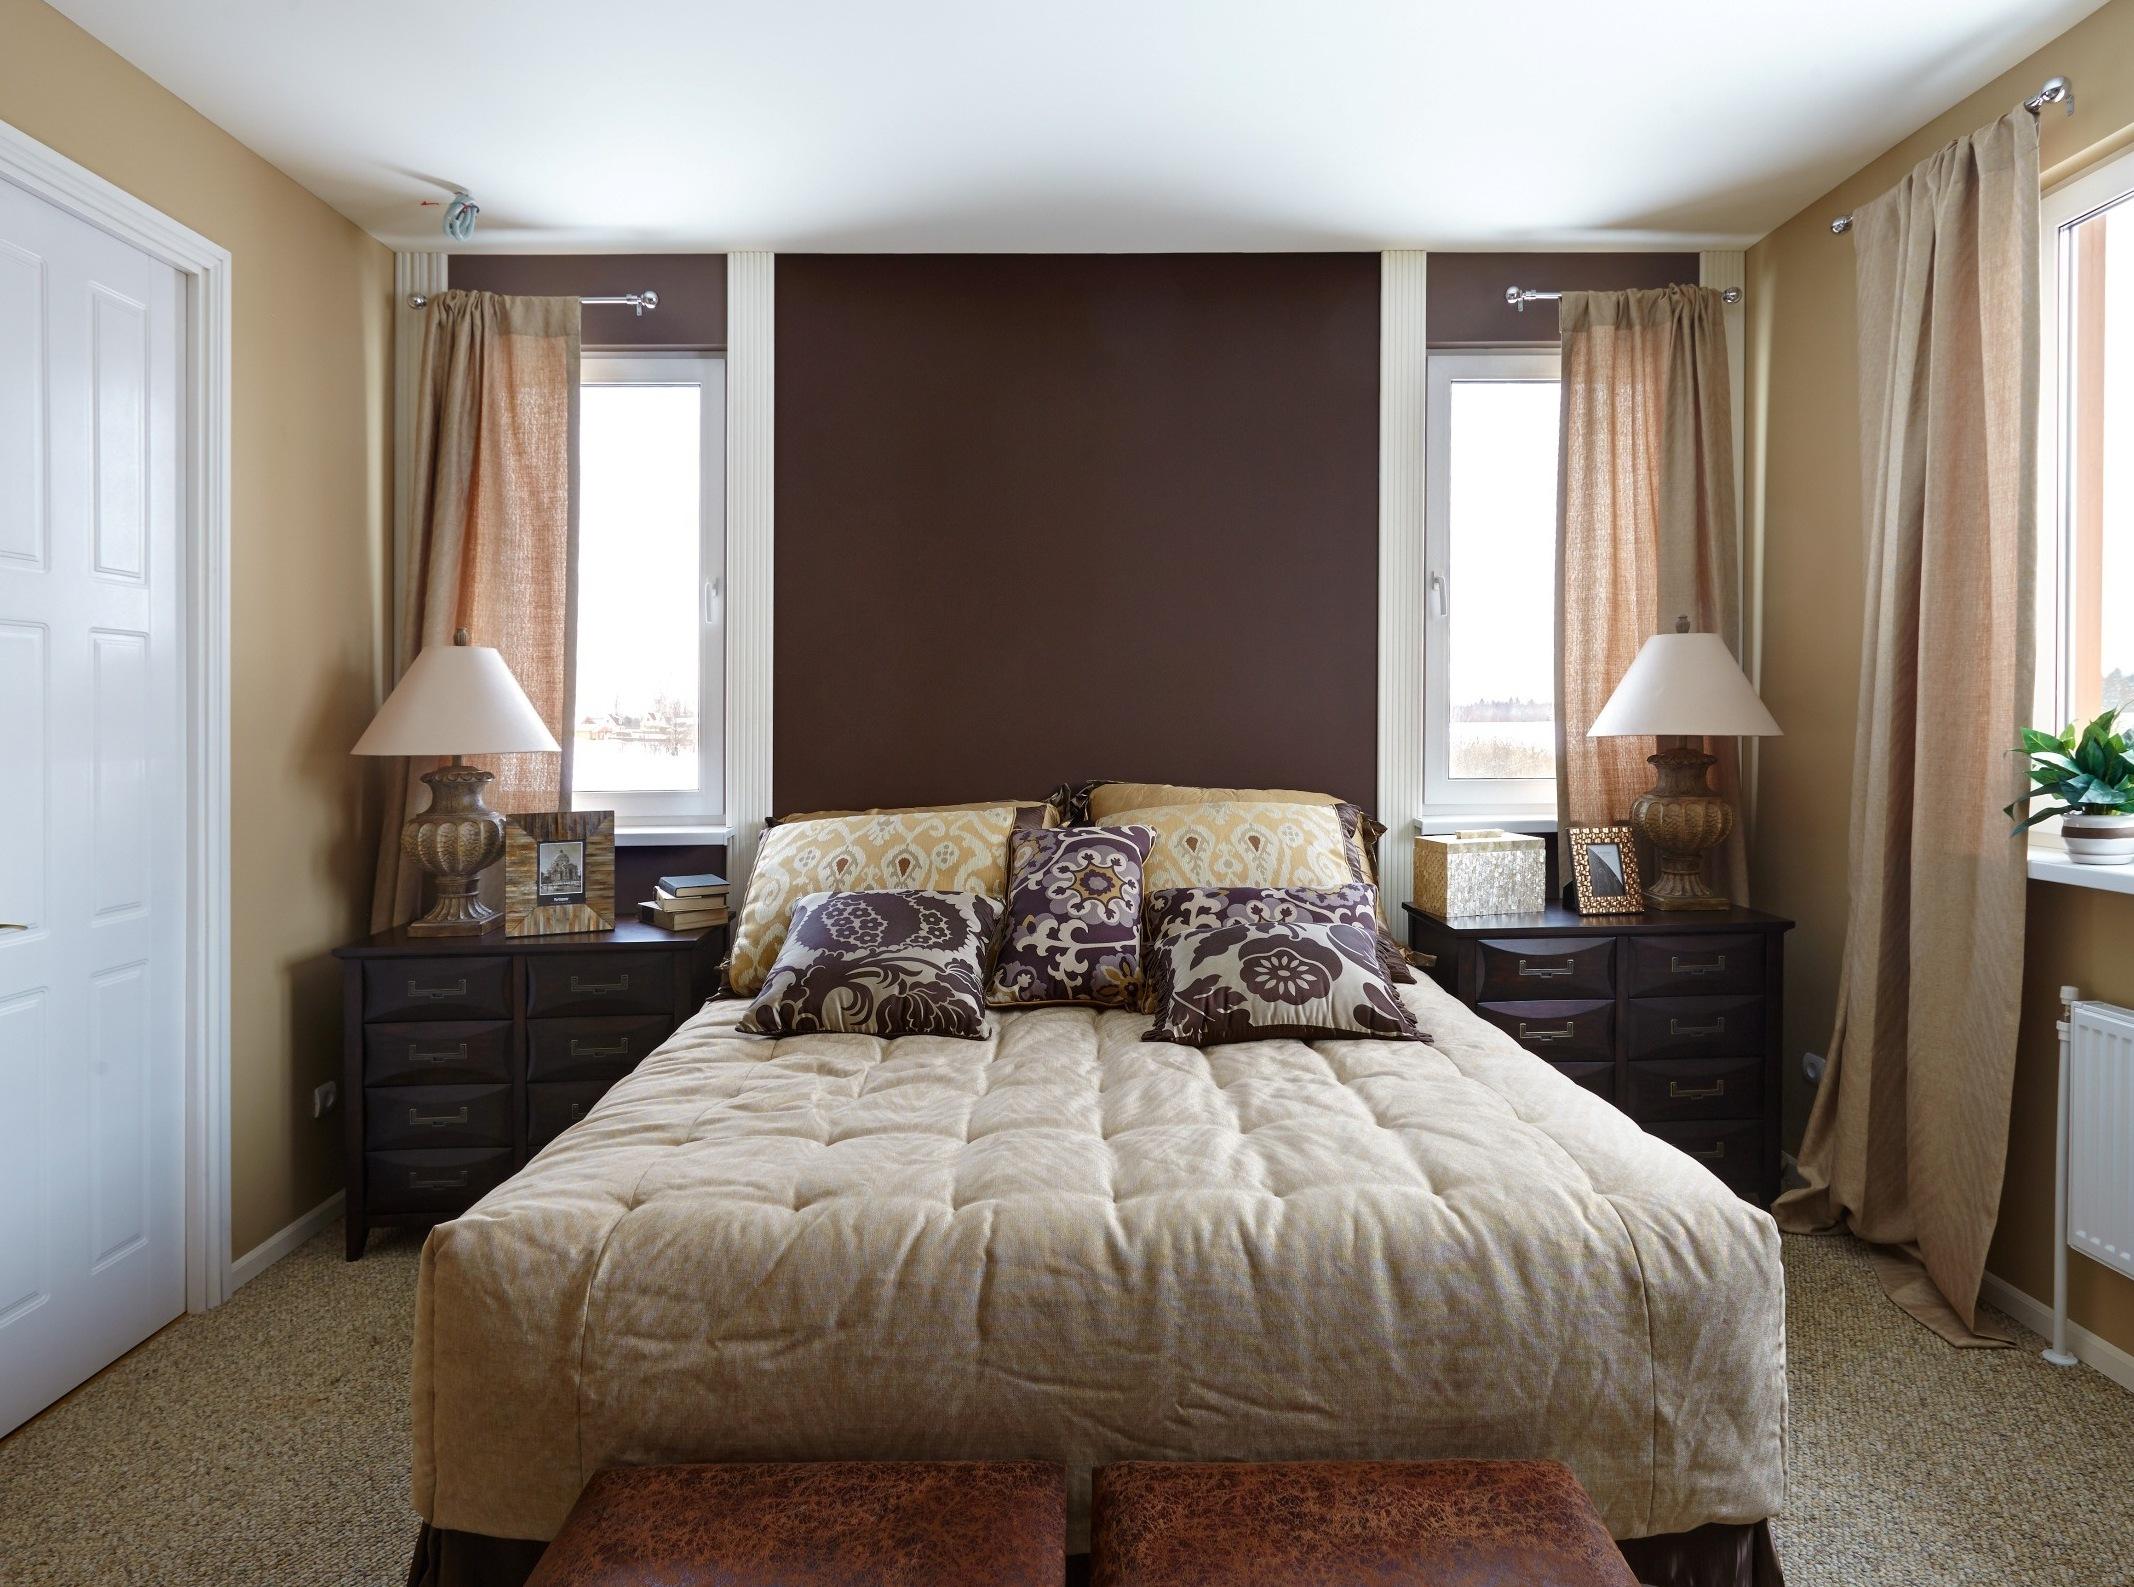 Коттеджи в поселке American Dream сдаются с американскими спальнями